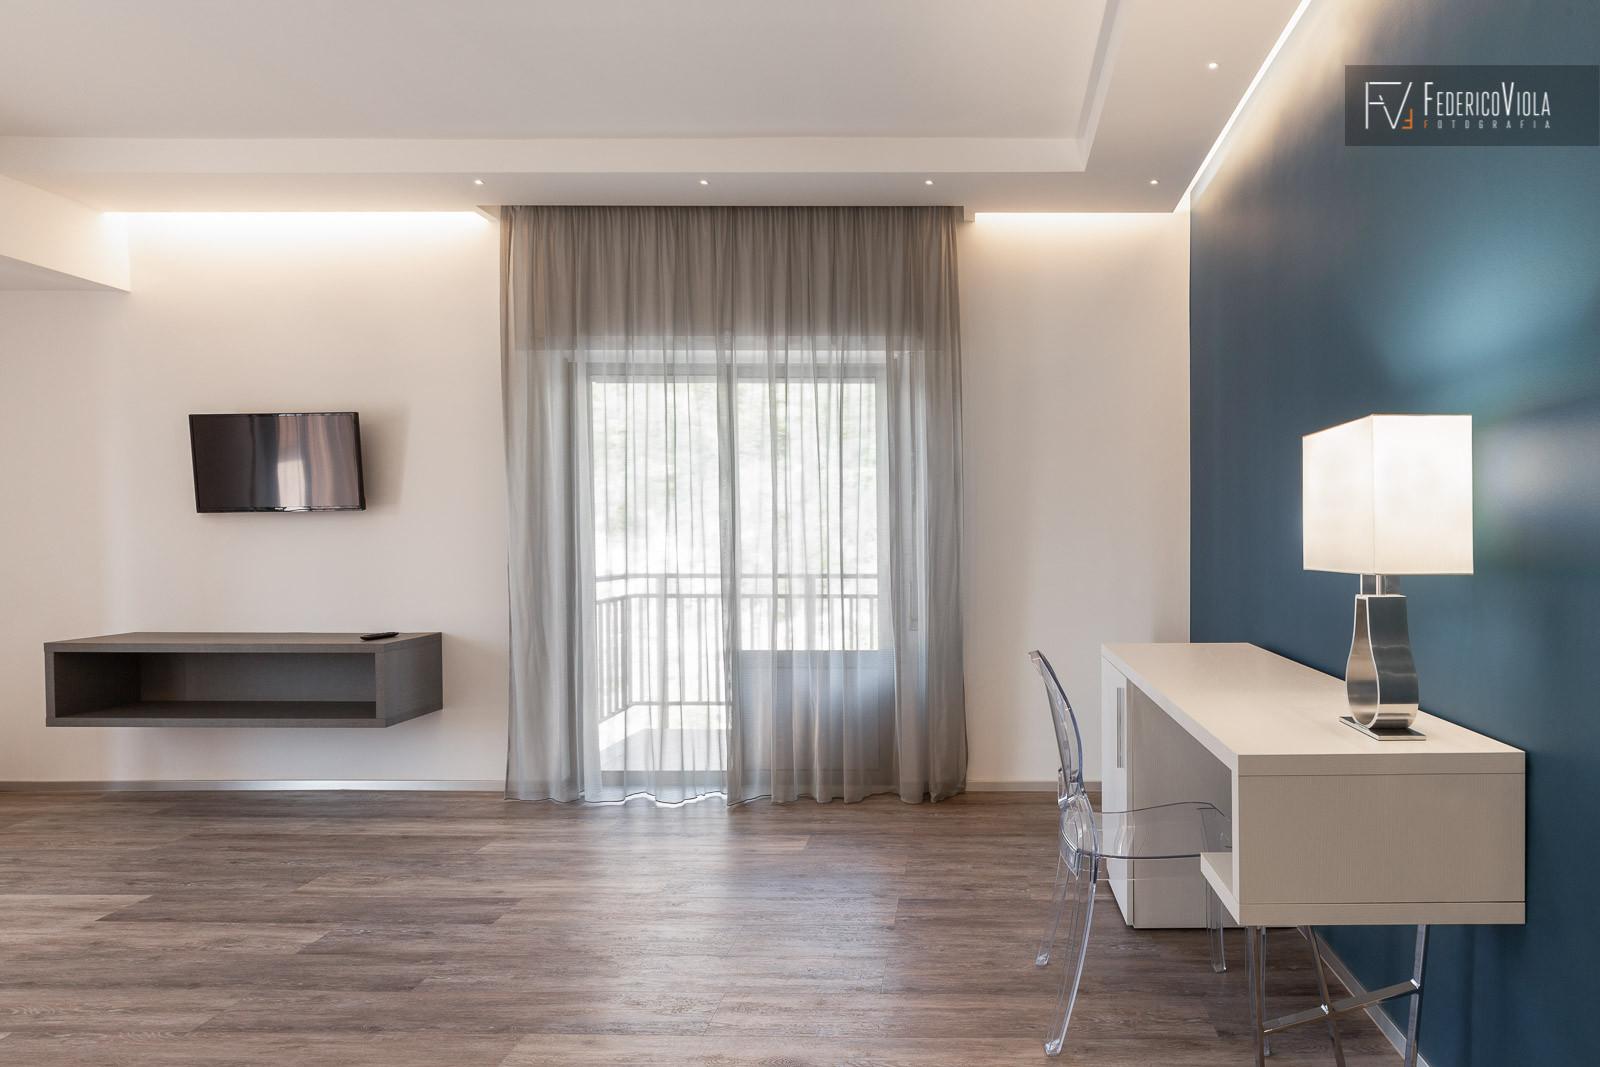 Foto-Hotel-Serapo-Gaeta-Federico-Viola-Fotografia-37.jpg